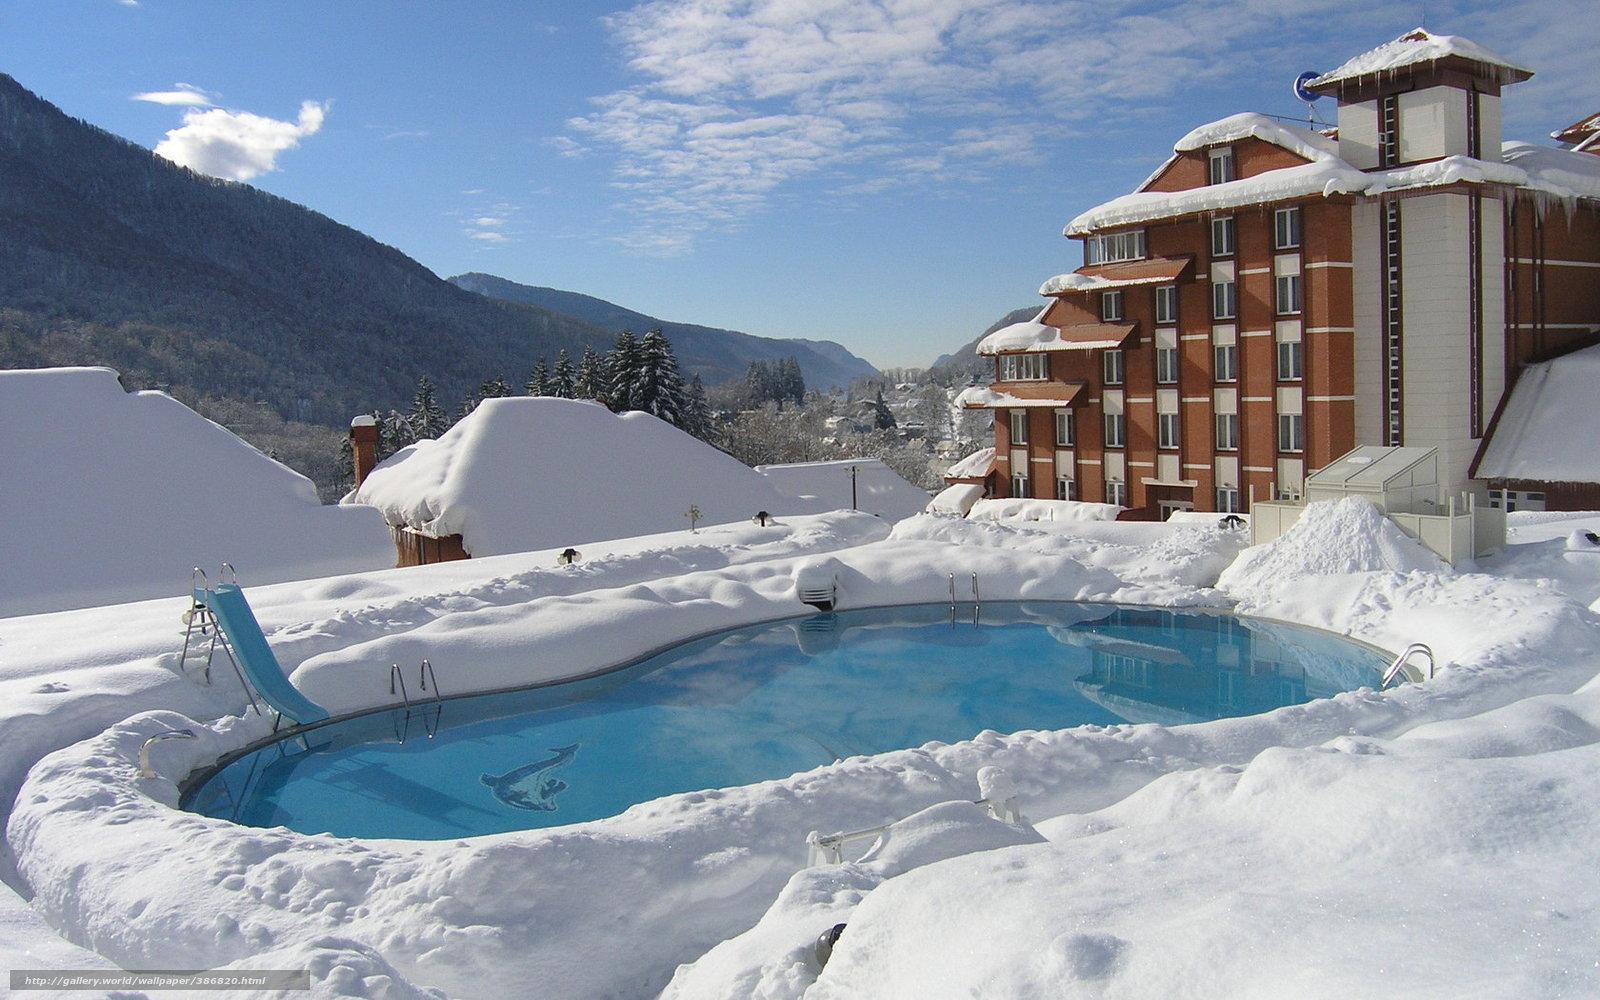 invernar una piscina